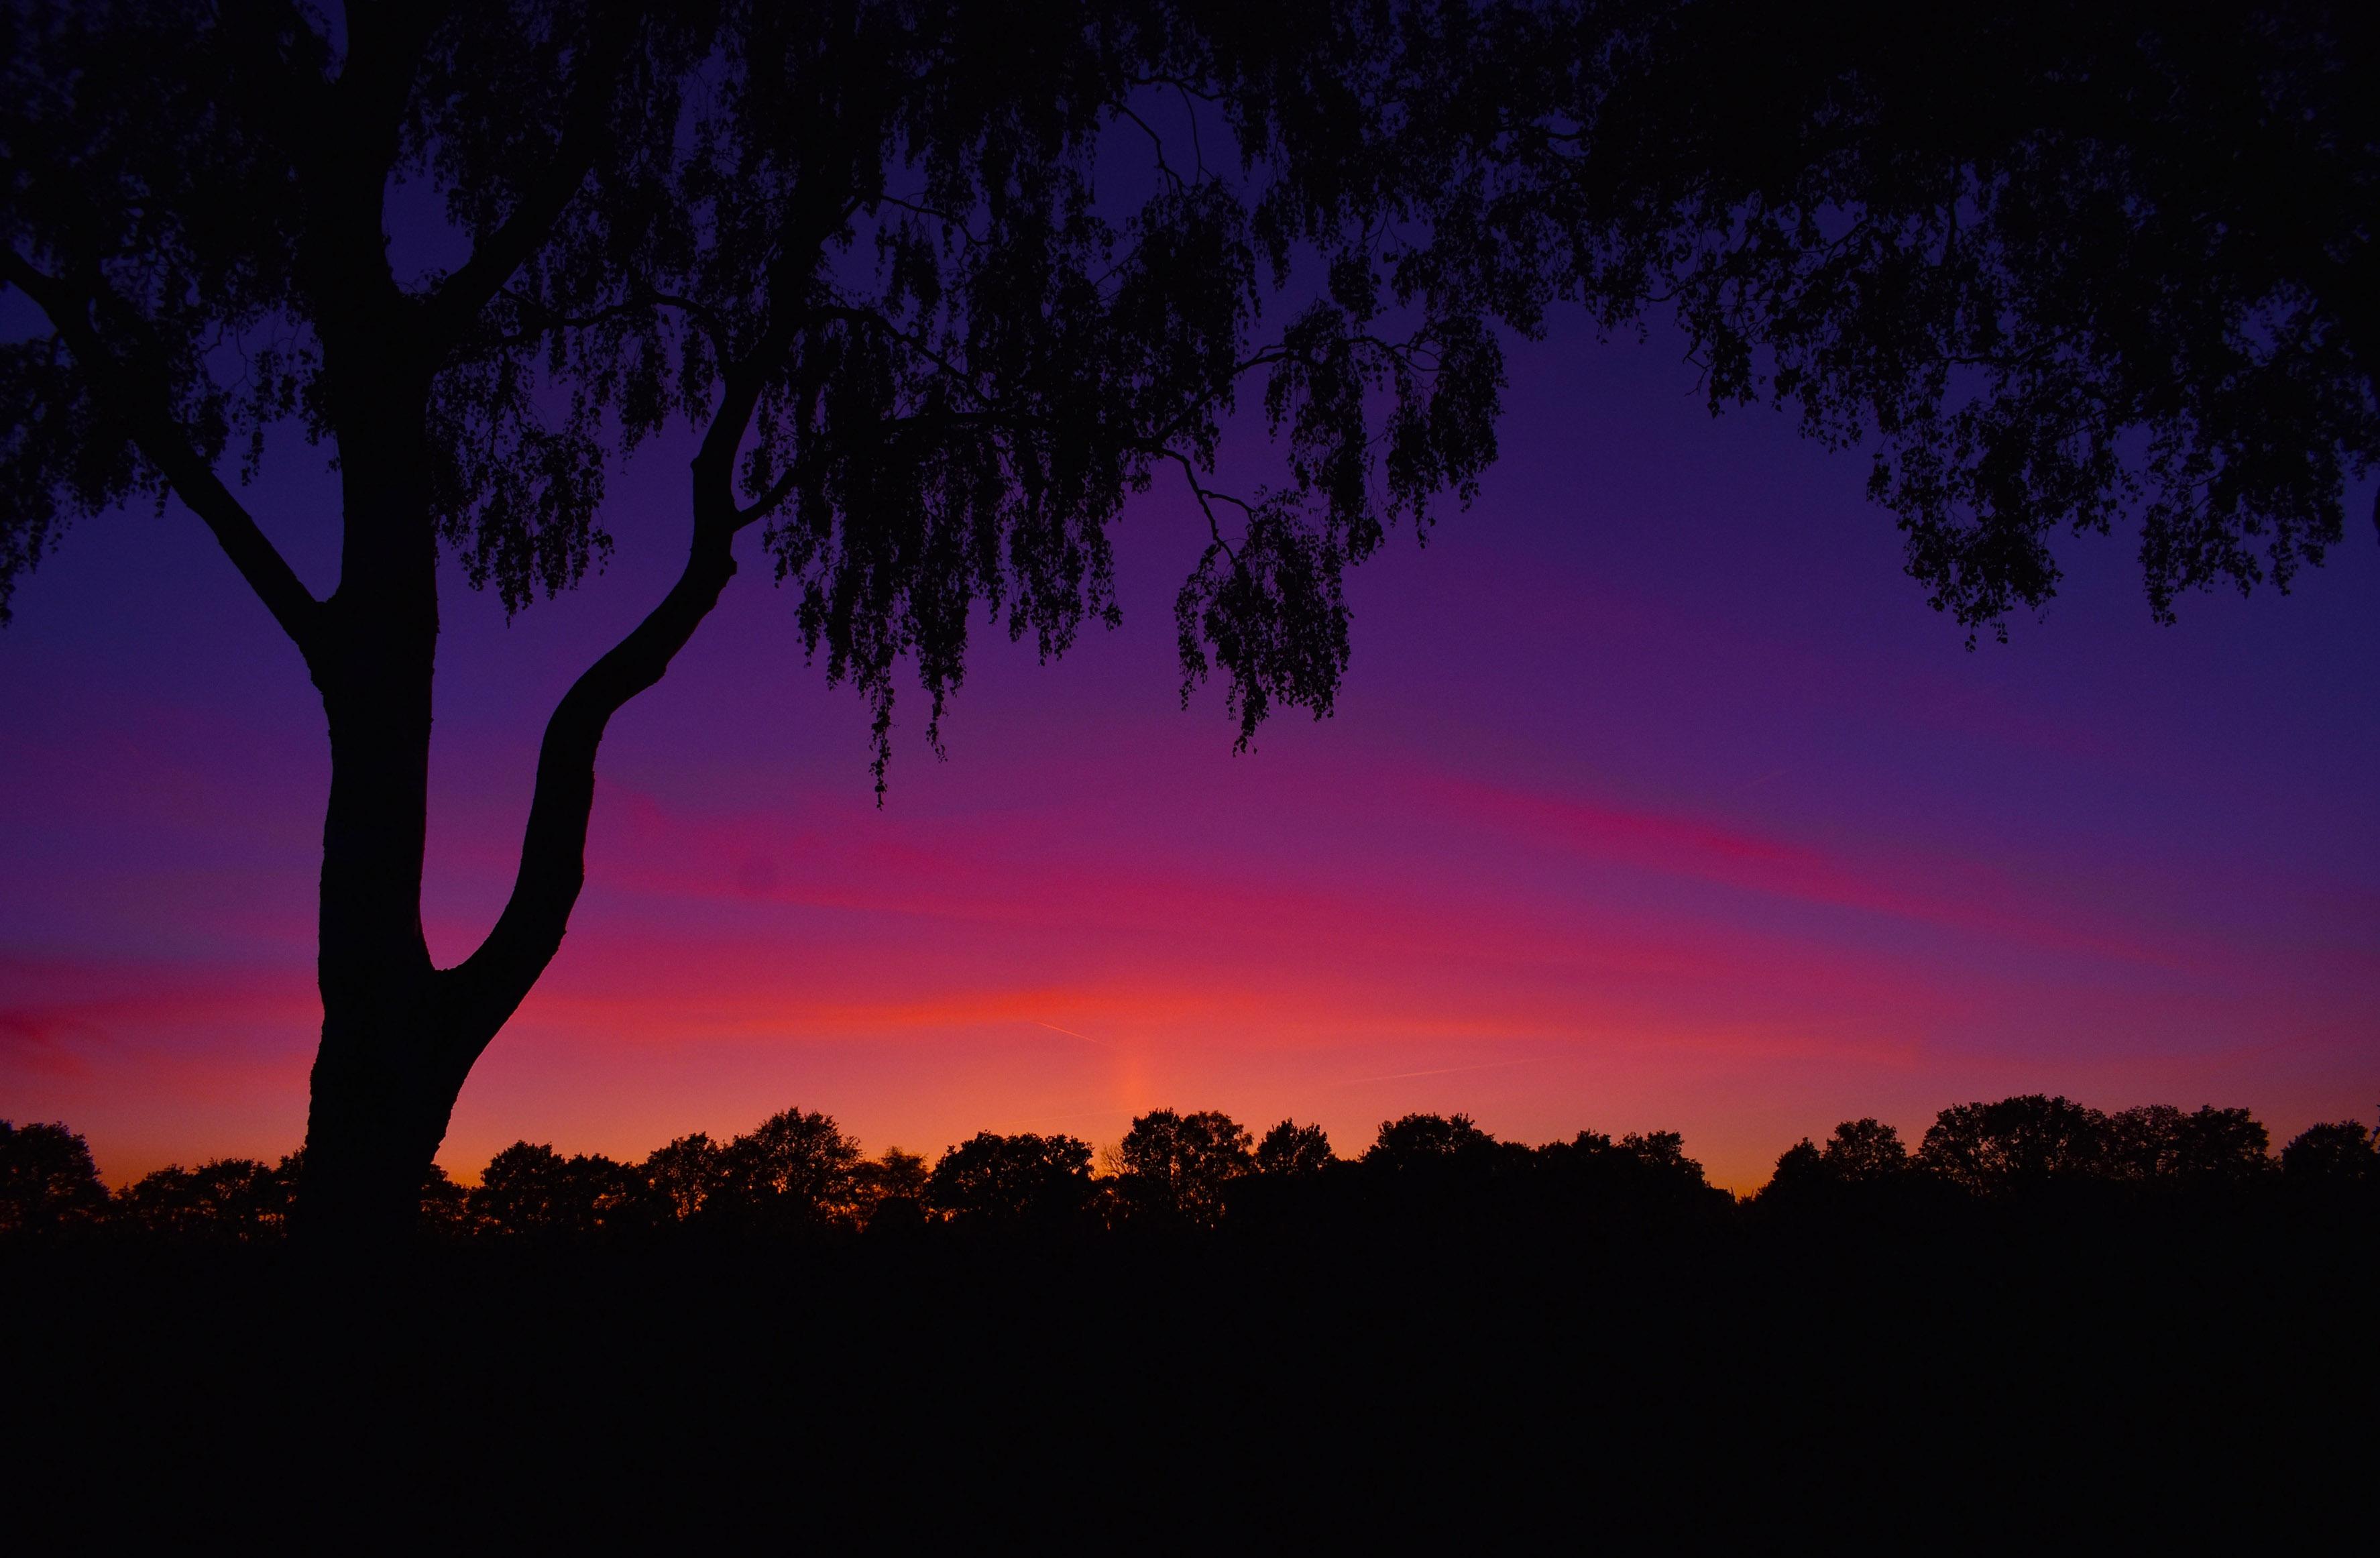 Later bij het Roekelse Bos kleurde de avondhemel nog mooier - Foto: ©Louis Fraanje